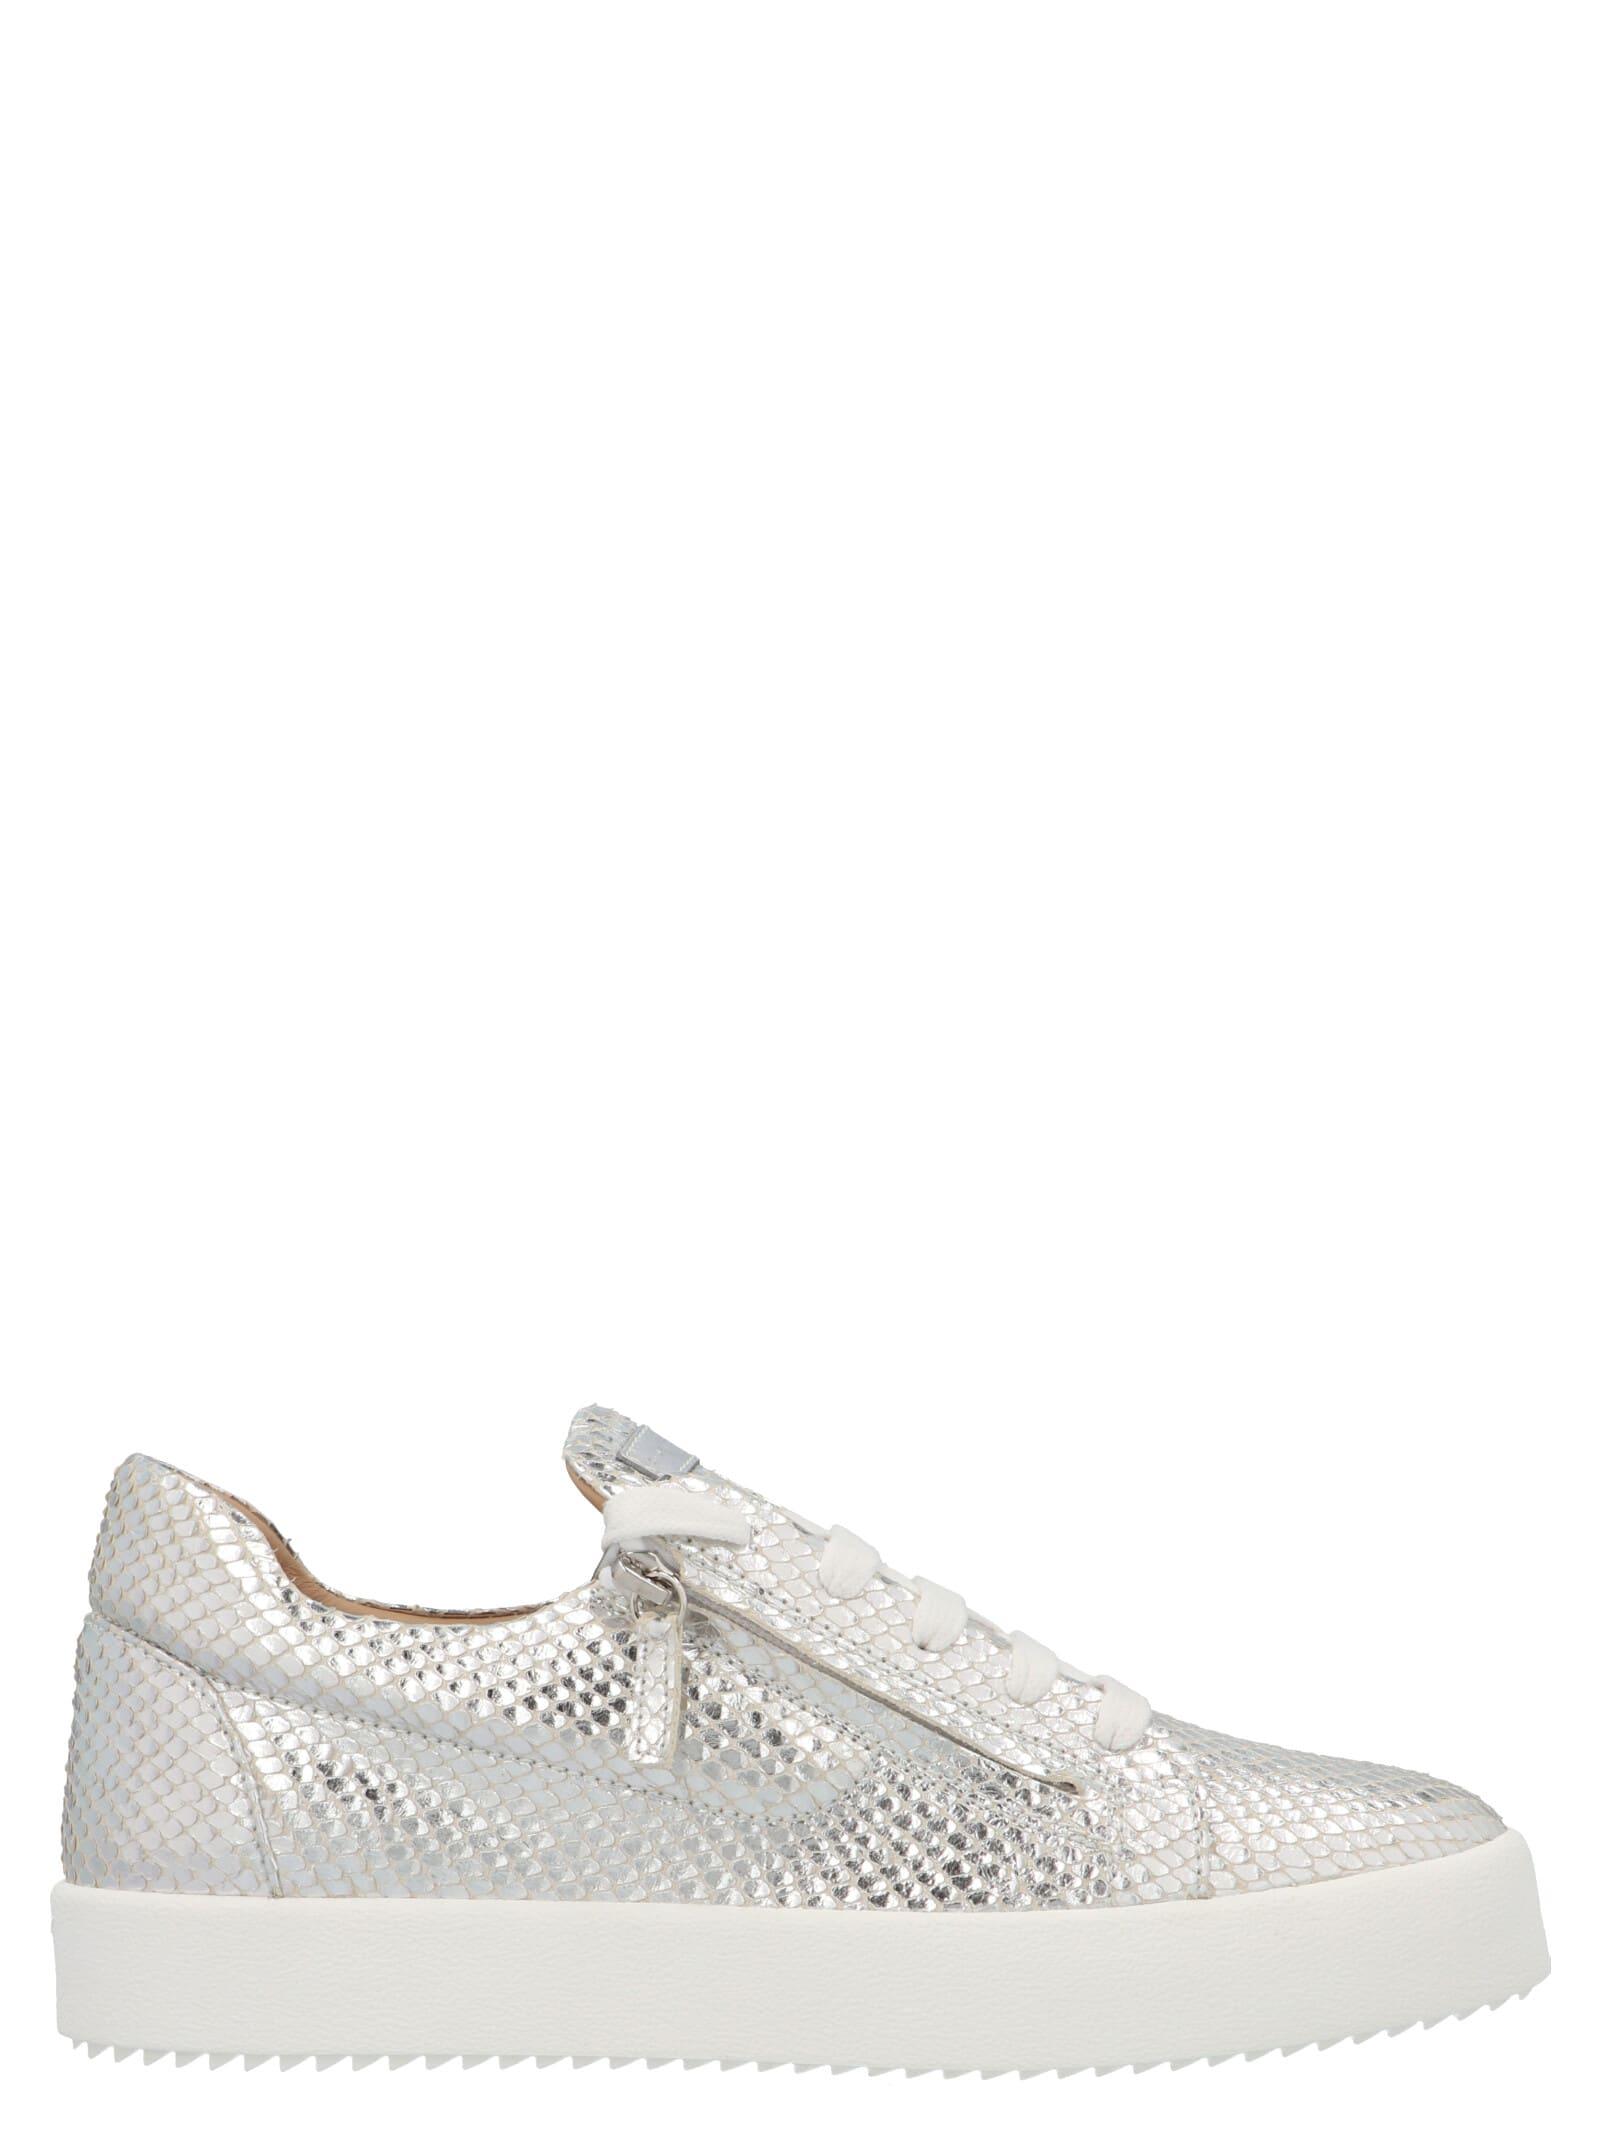 Giuseppe Zanotti may London Shoes